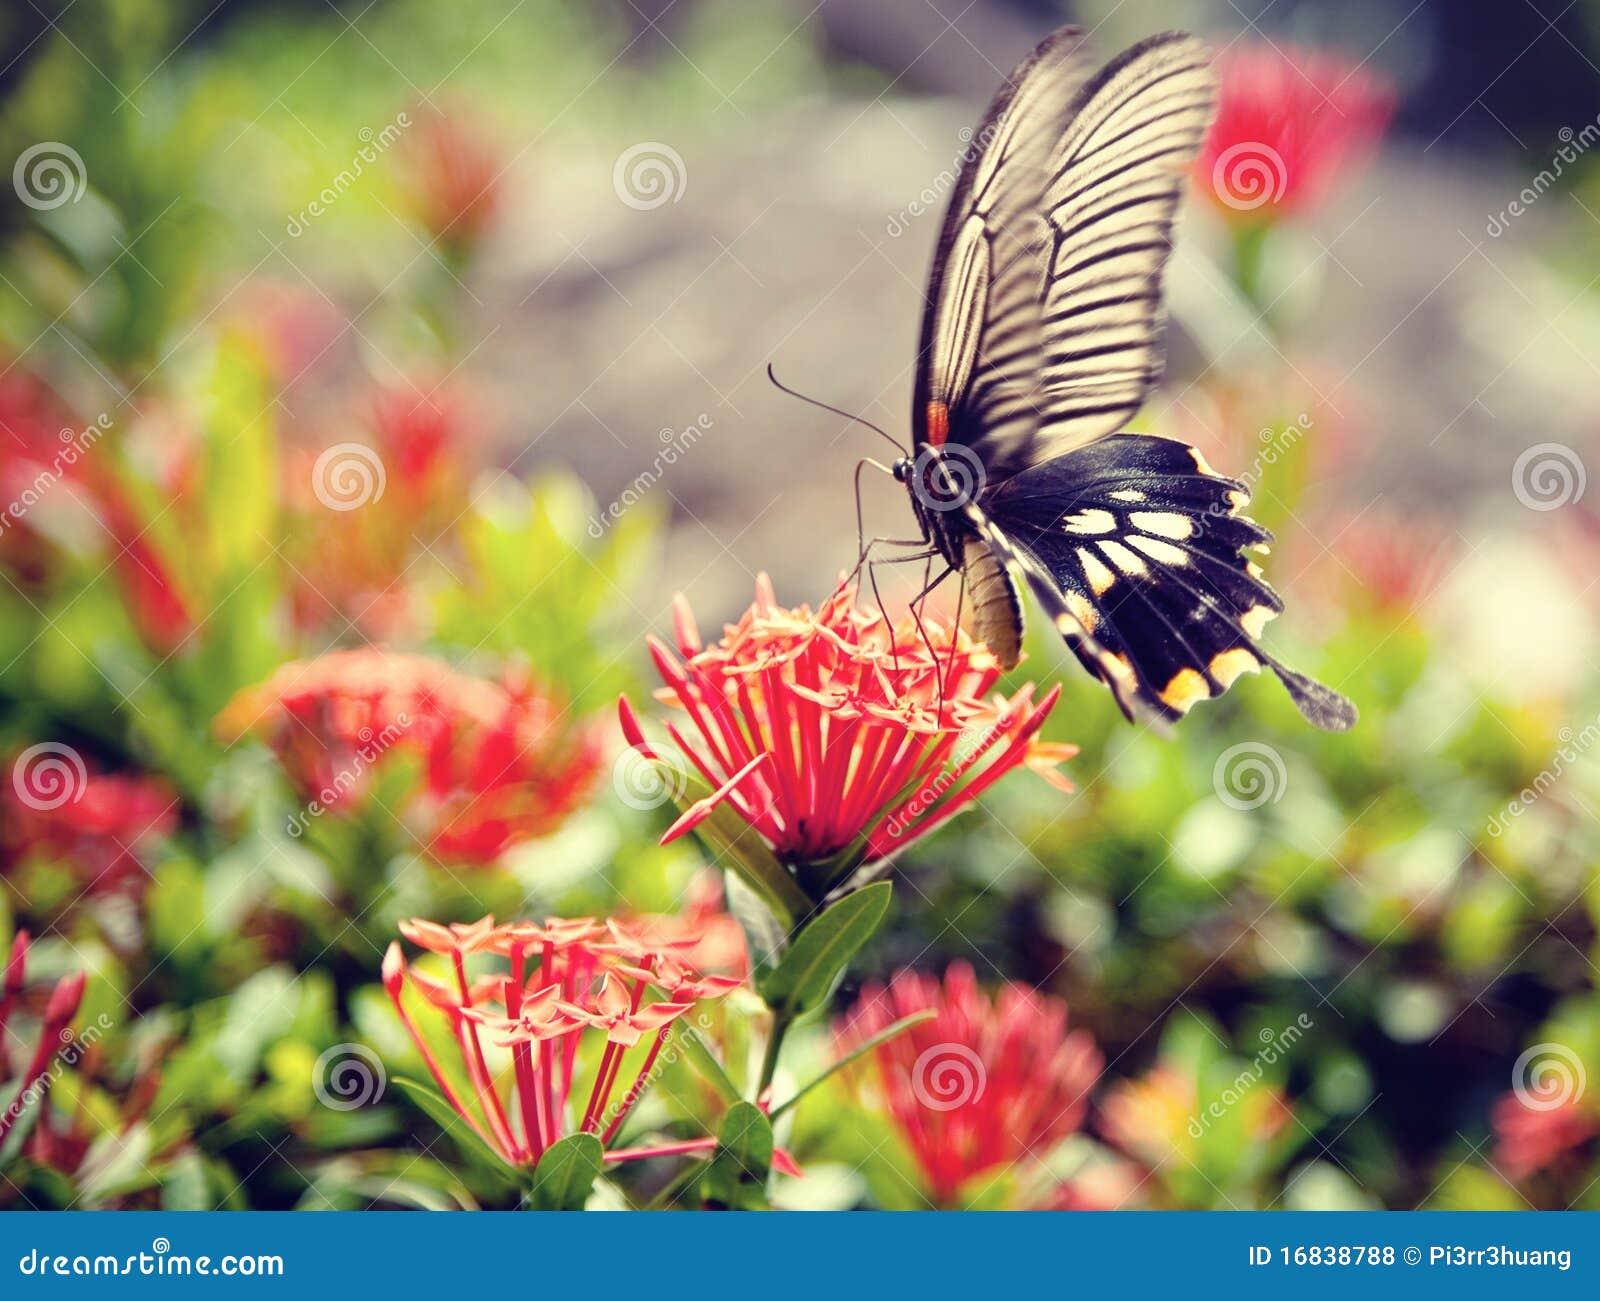 21 mooie kleurrijke vlinder - photo #28